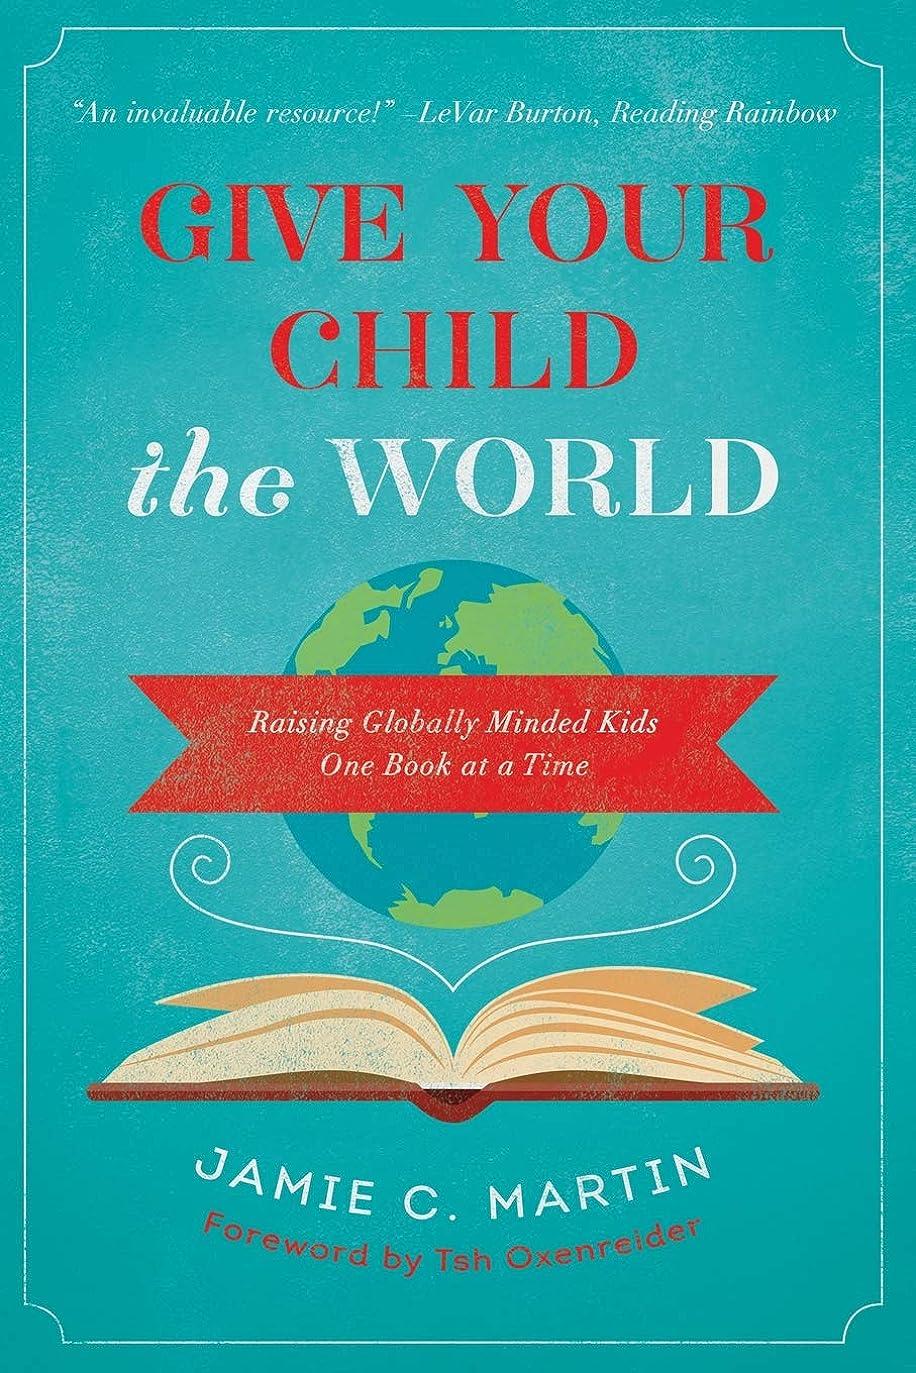 肺ムス破壊するGive Your Child the World: Raising Globally Minded Kids One Book at a Time